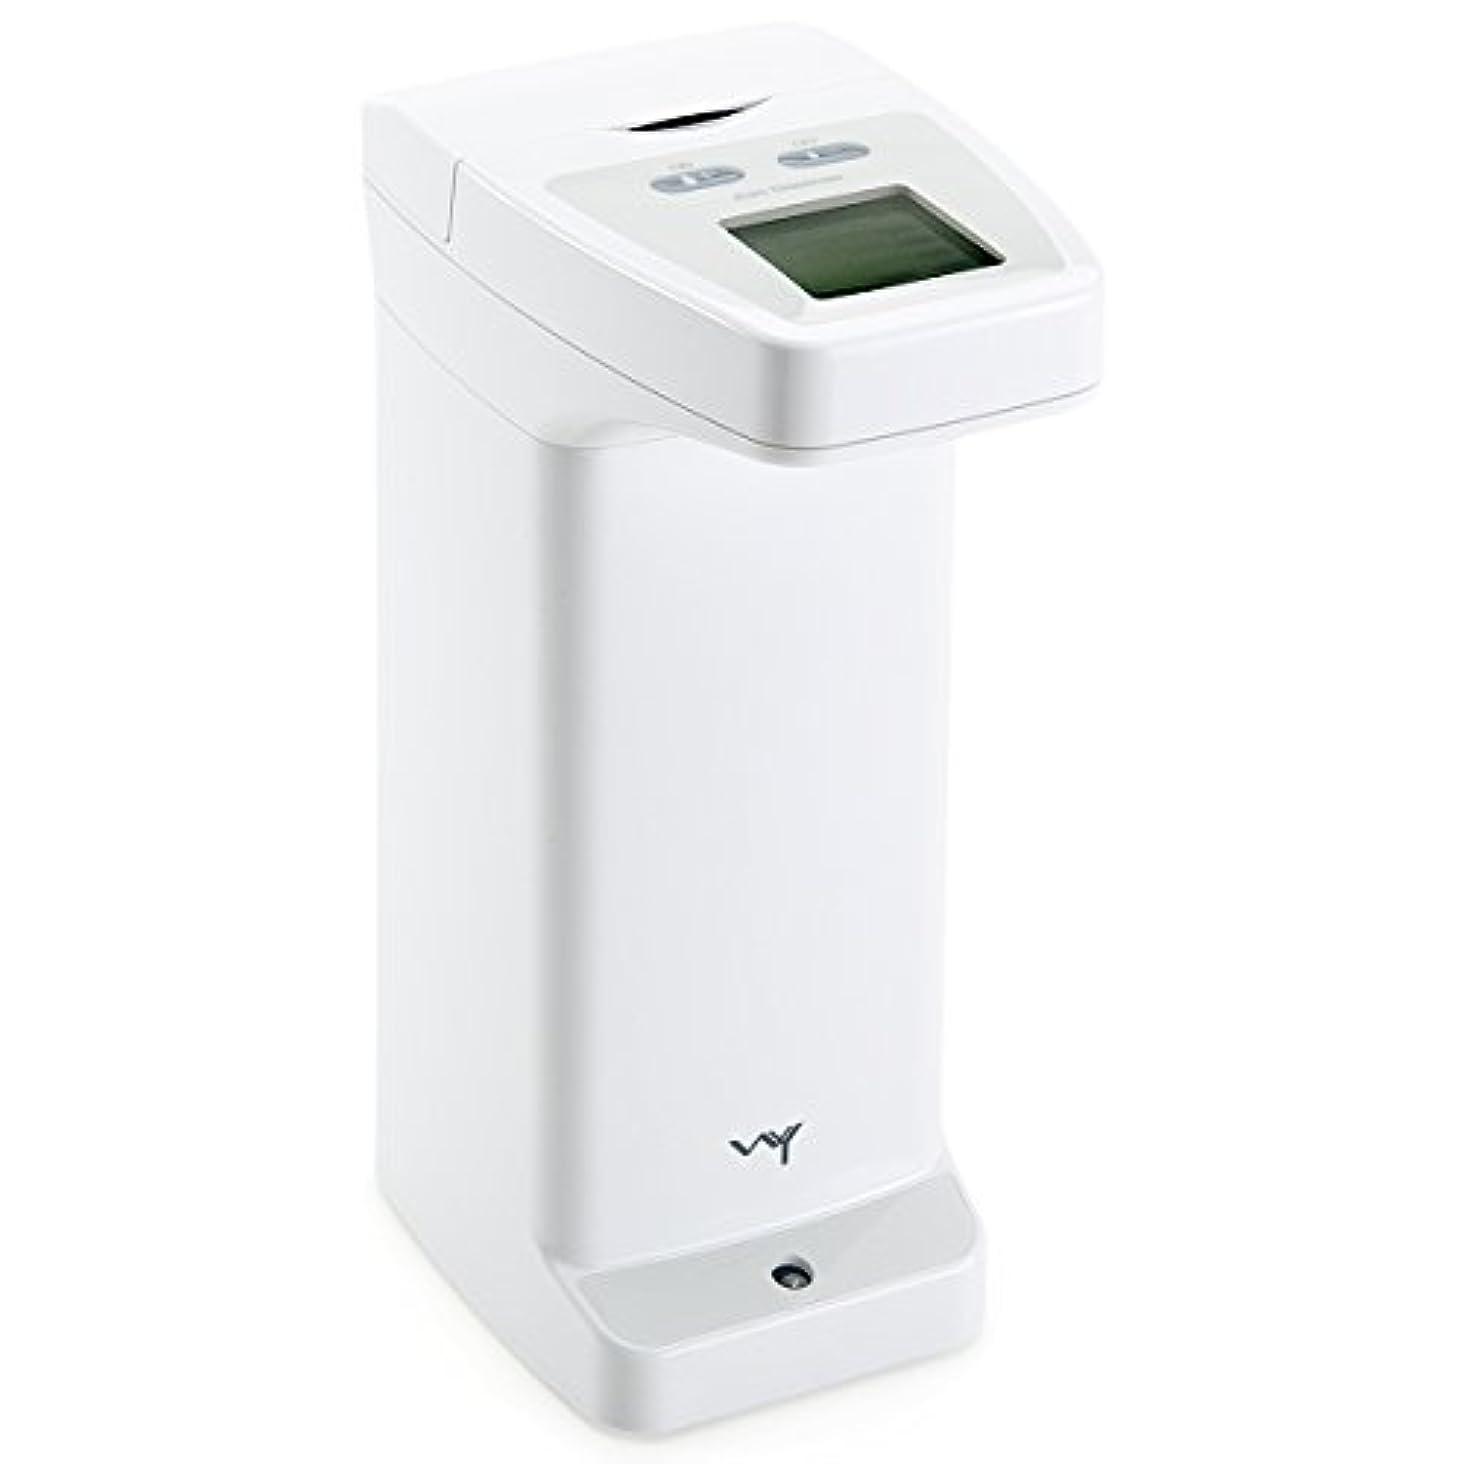 少年マガジン新しい意味WY 自動センサーディスペンサー 洗剤 ハンドソープ アルコール用 ソープディスペンサー 防滴 液晶付き WY-HM012